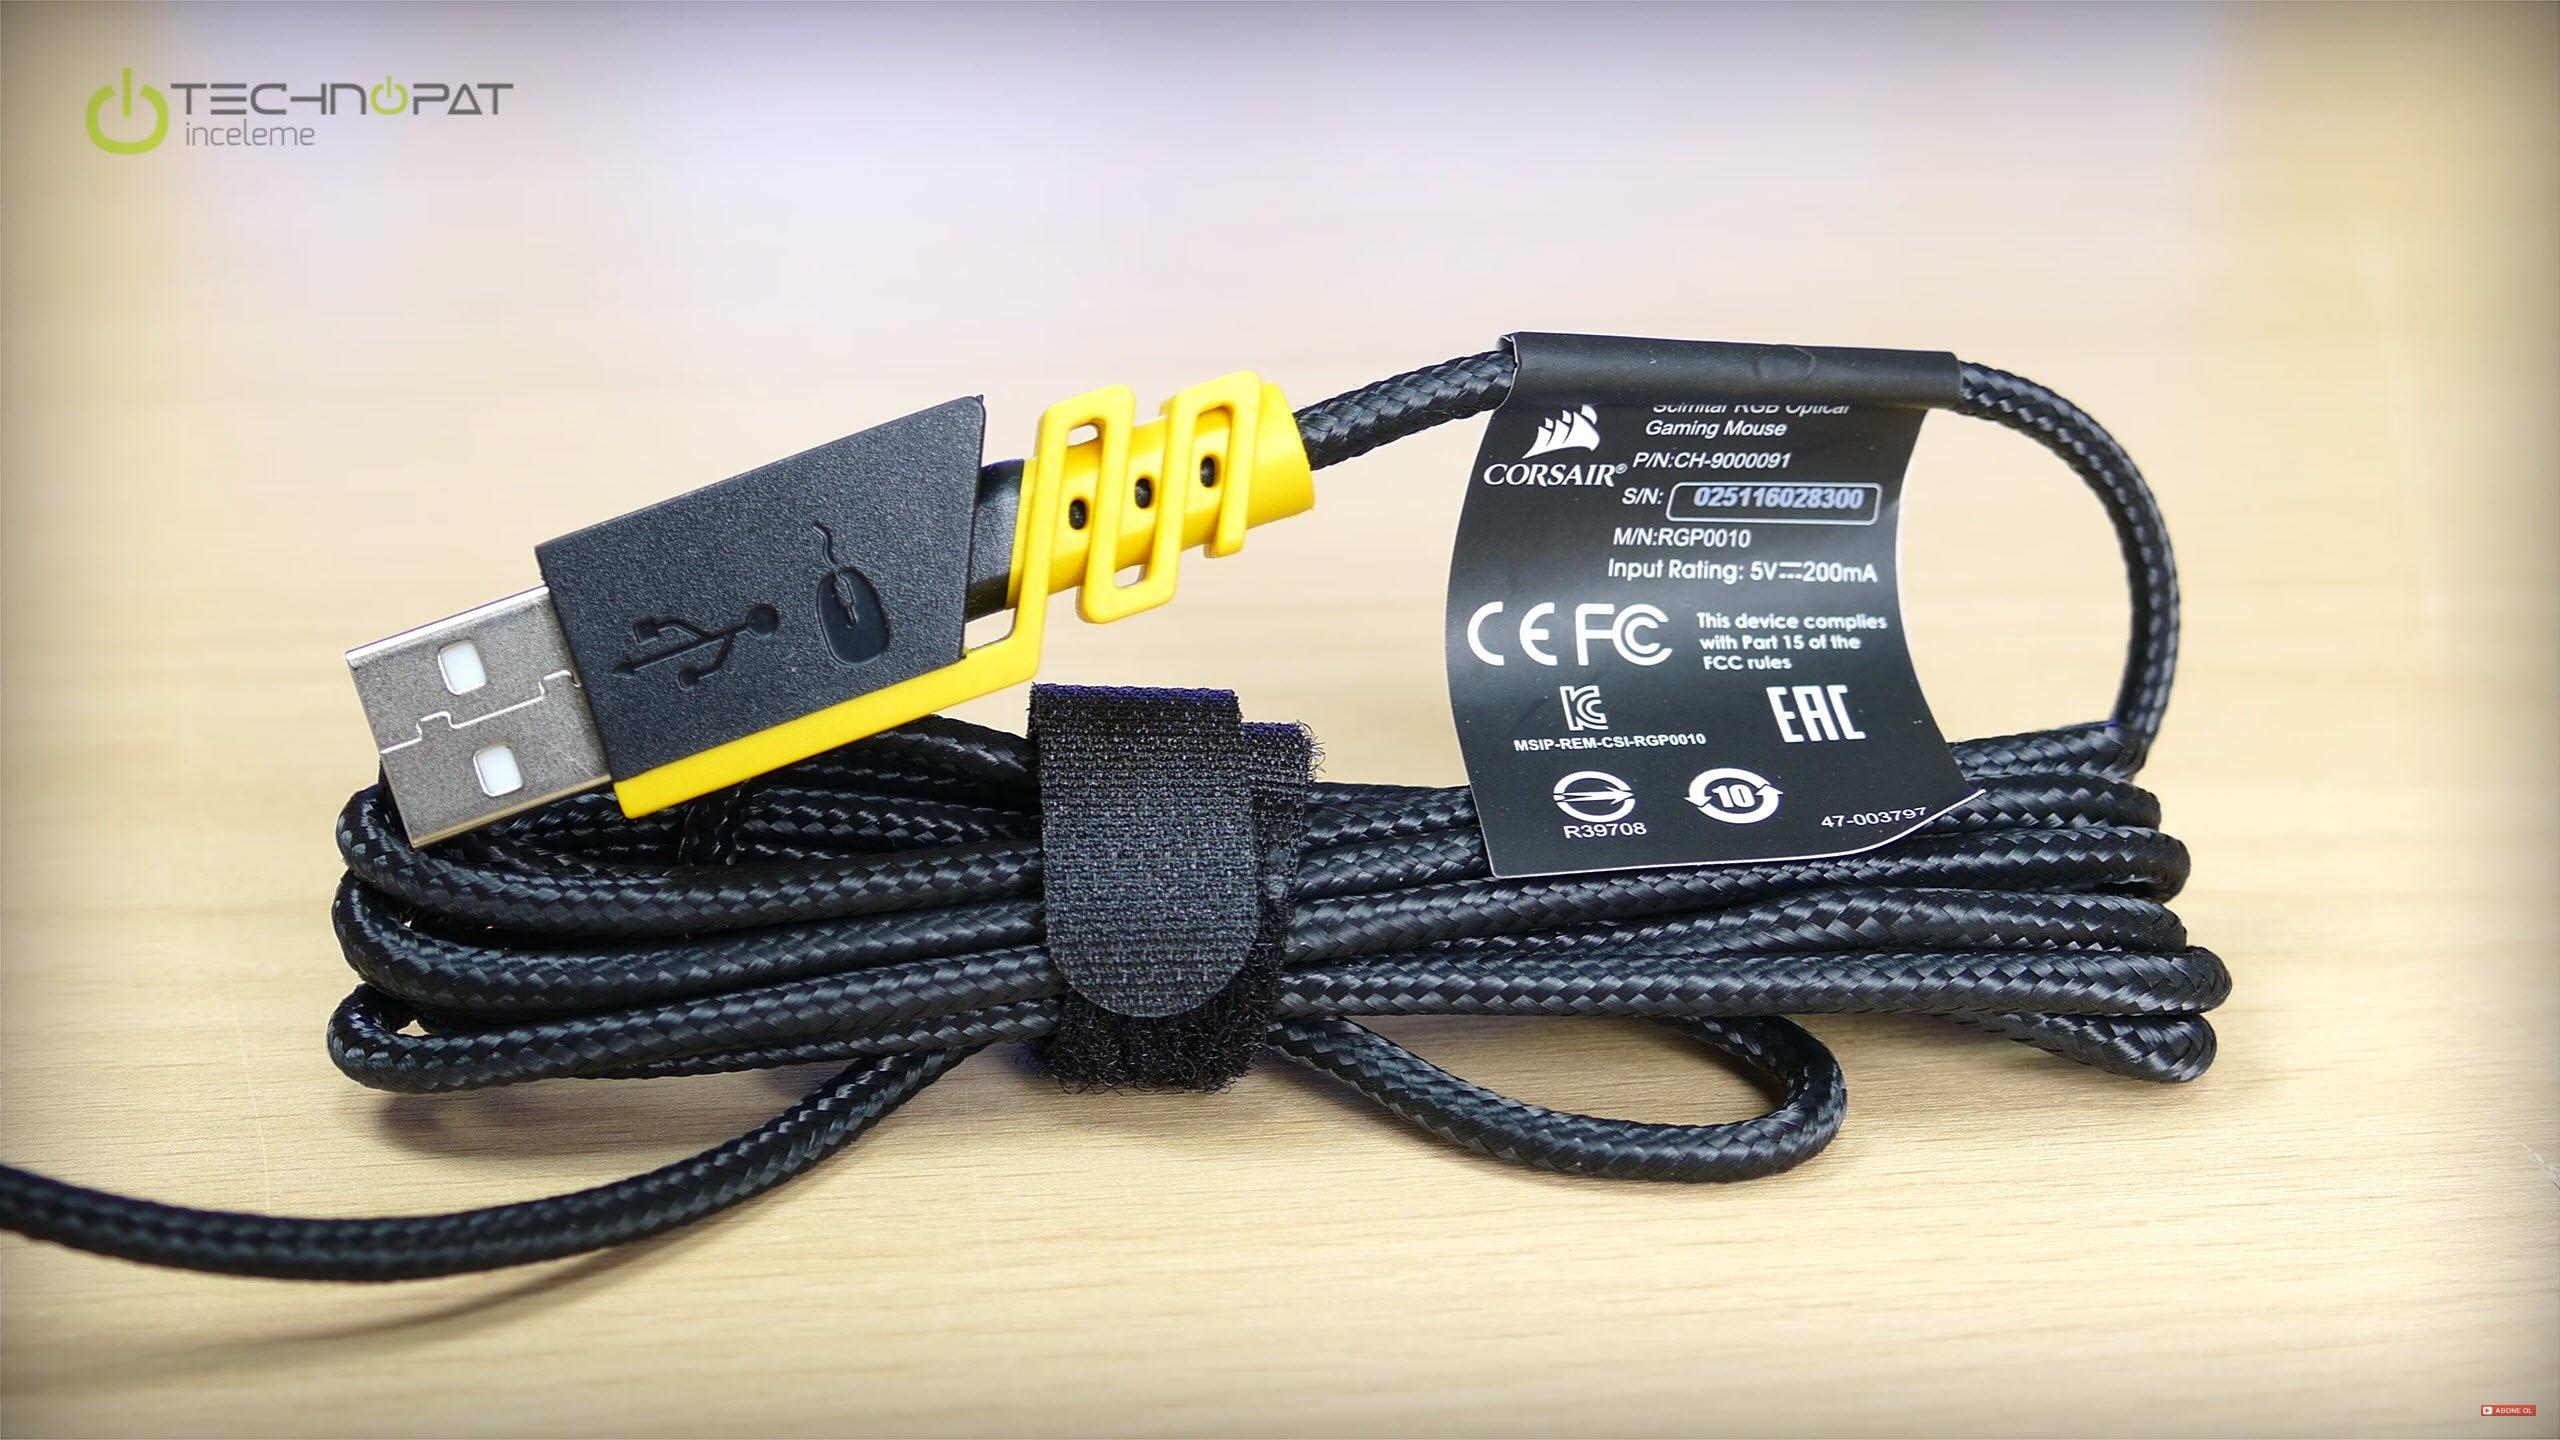 USB kablo ucu ve örgülü yapı